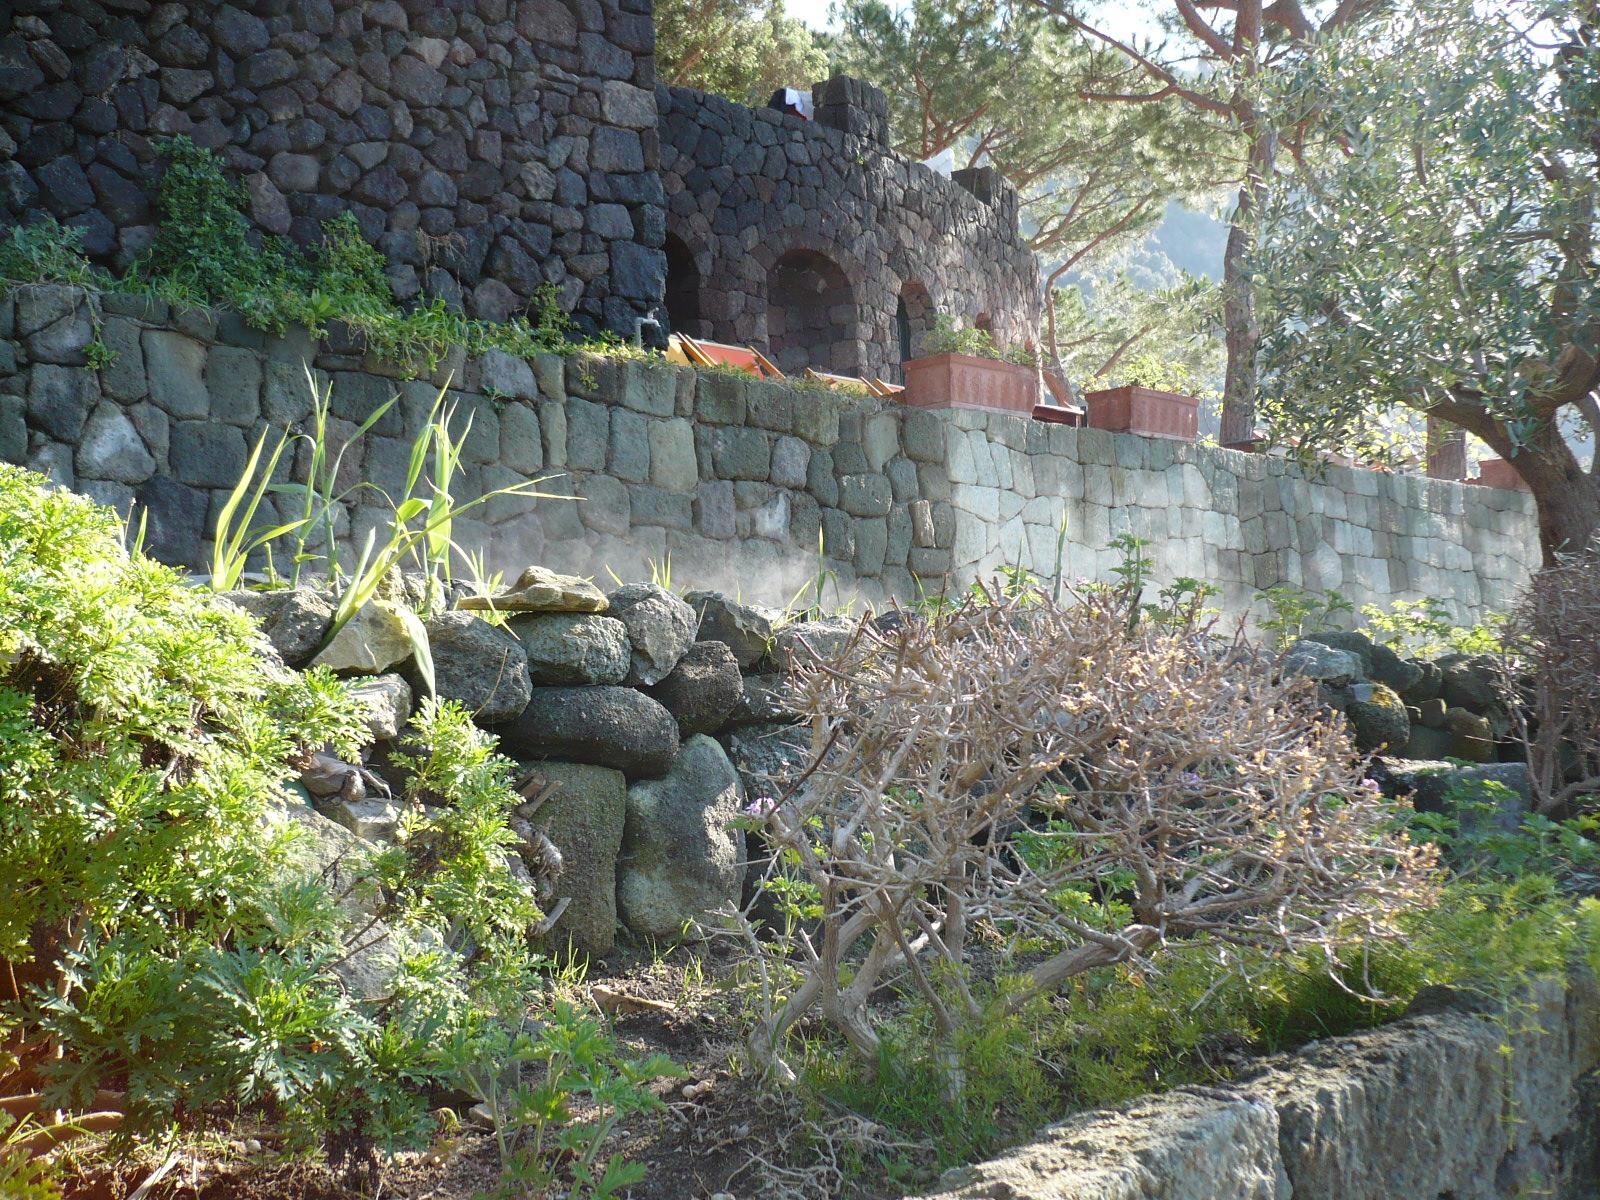 An vielen Stellen ist die Gartengestaltung wildromantisch.